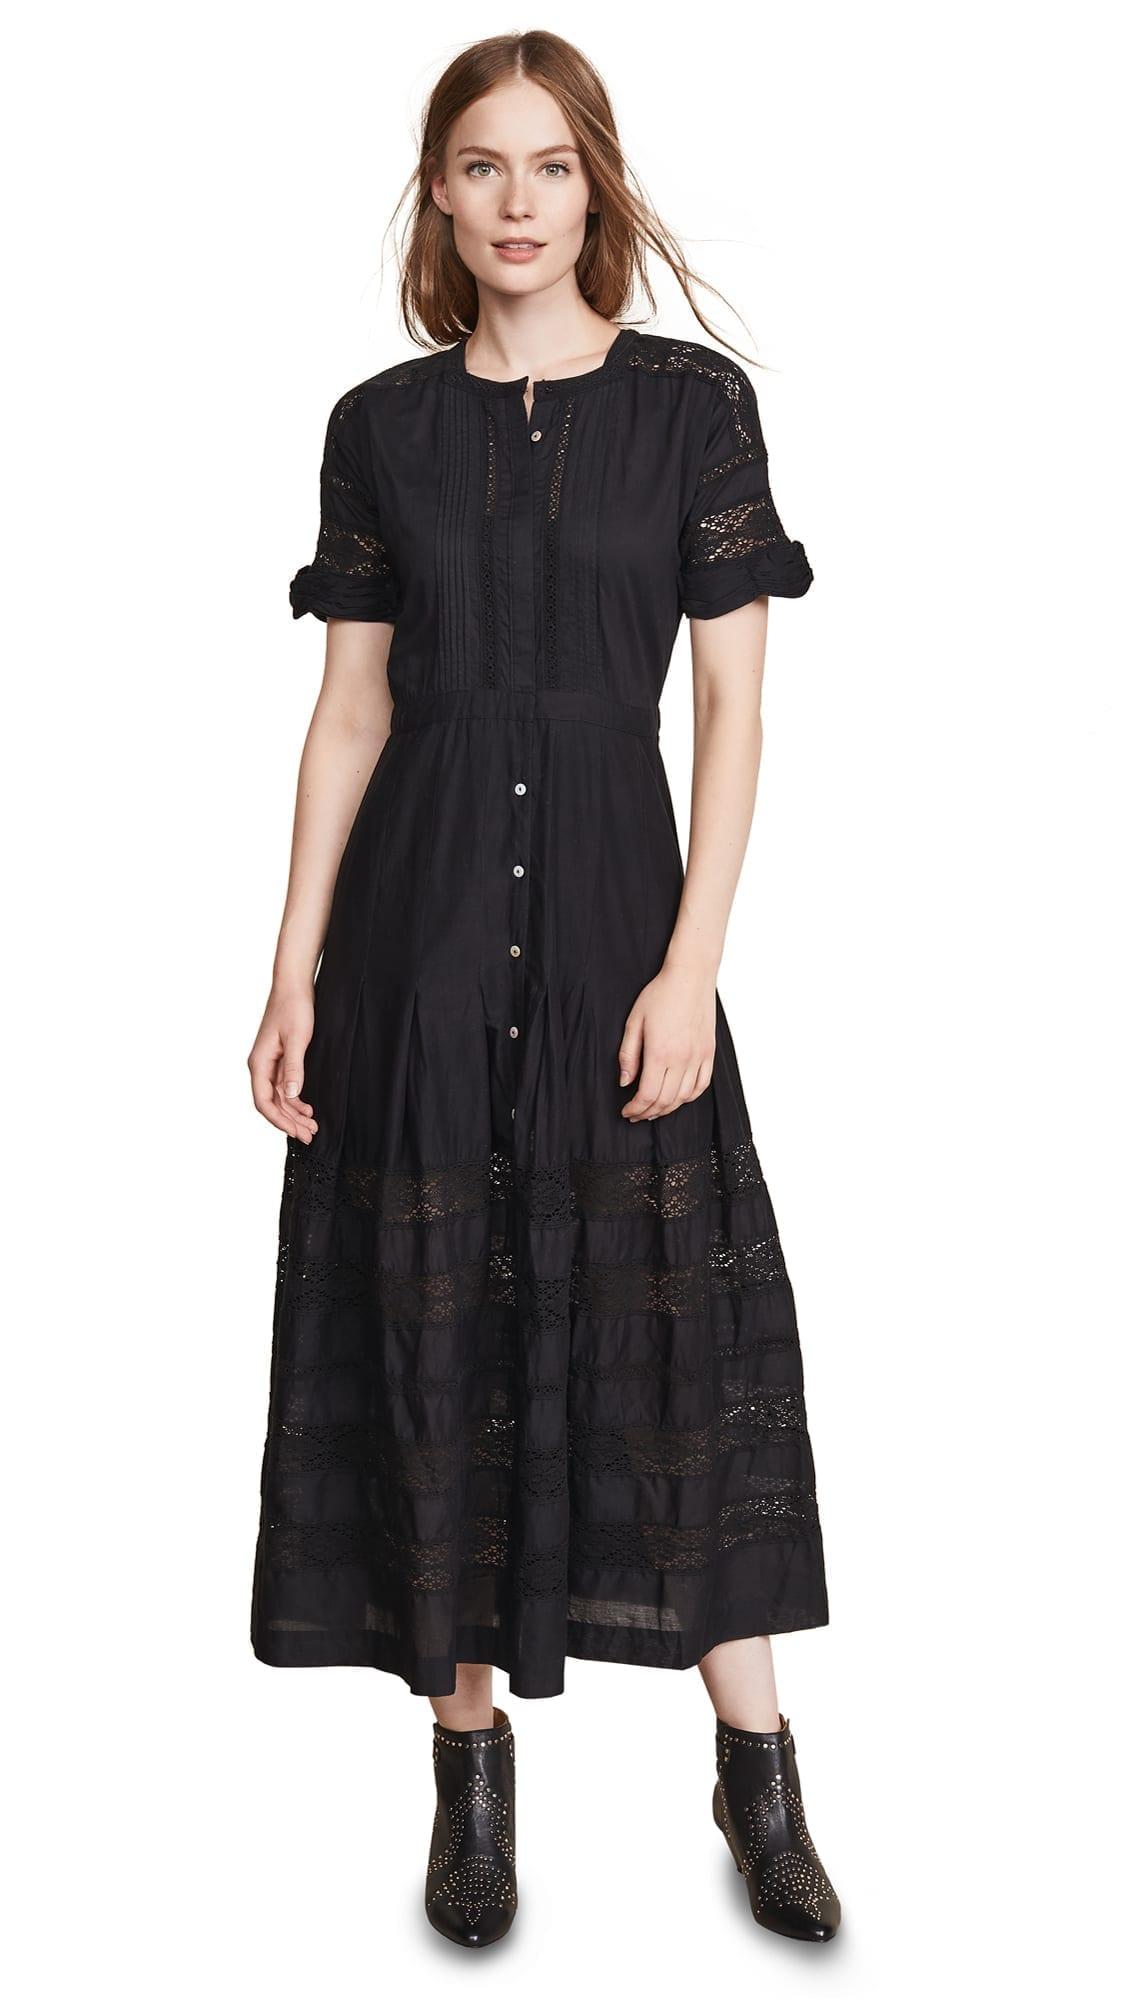 LOVESHACKFANCY Edie Black Dress